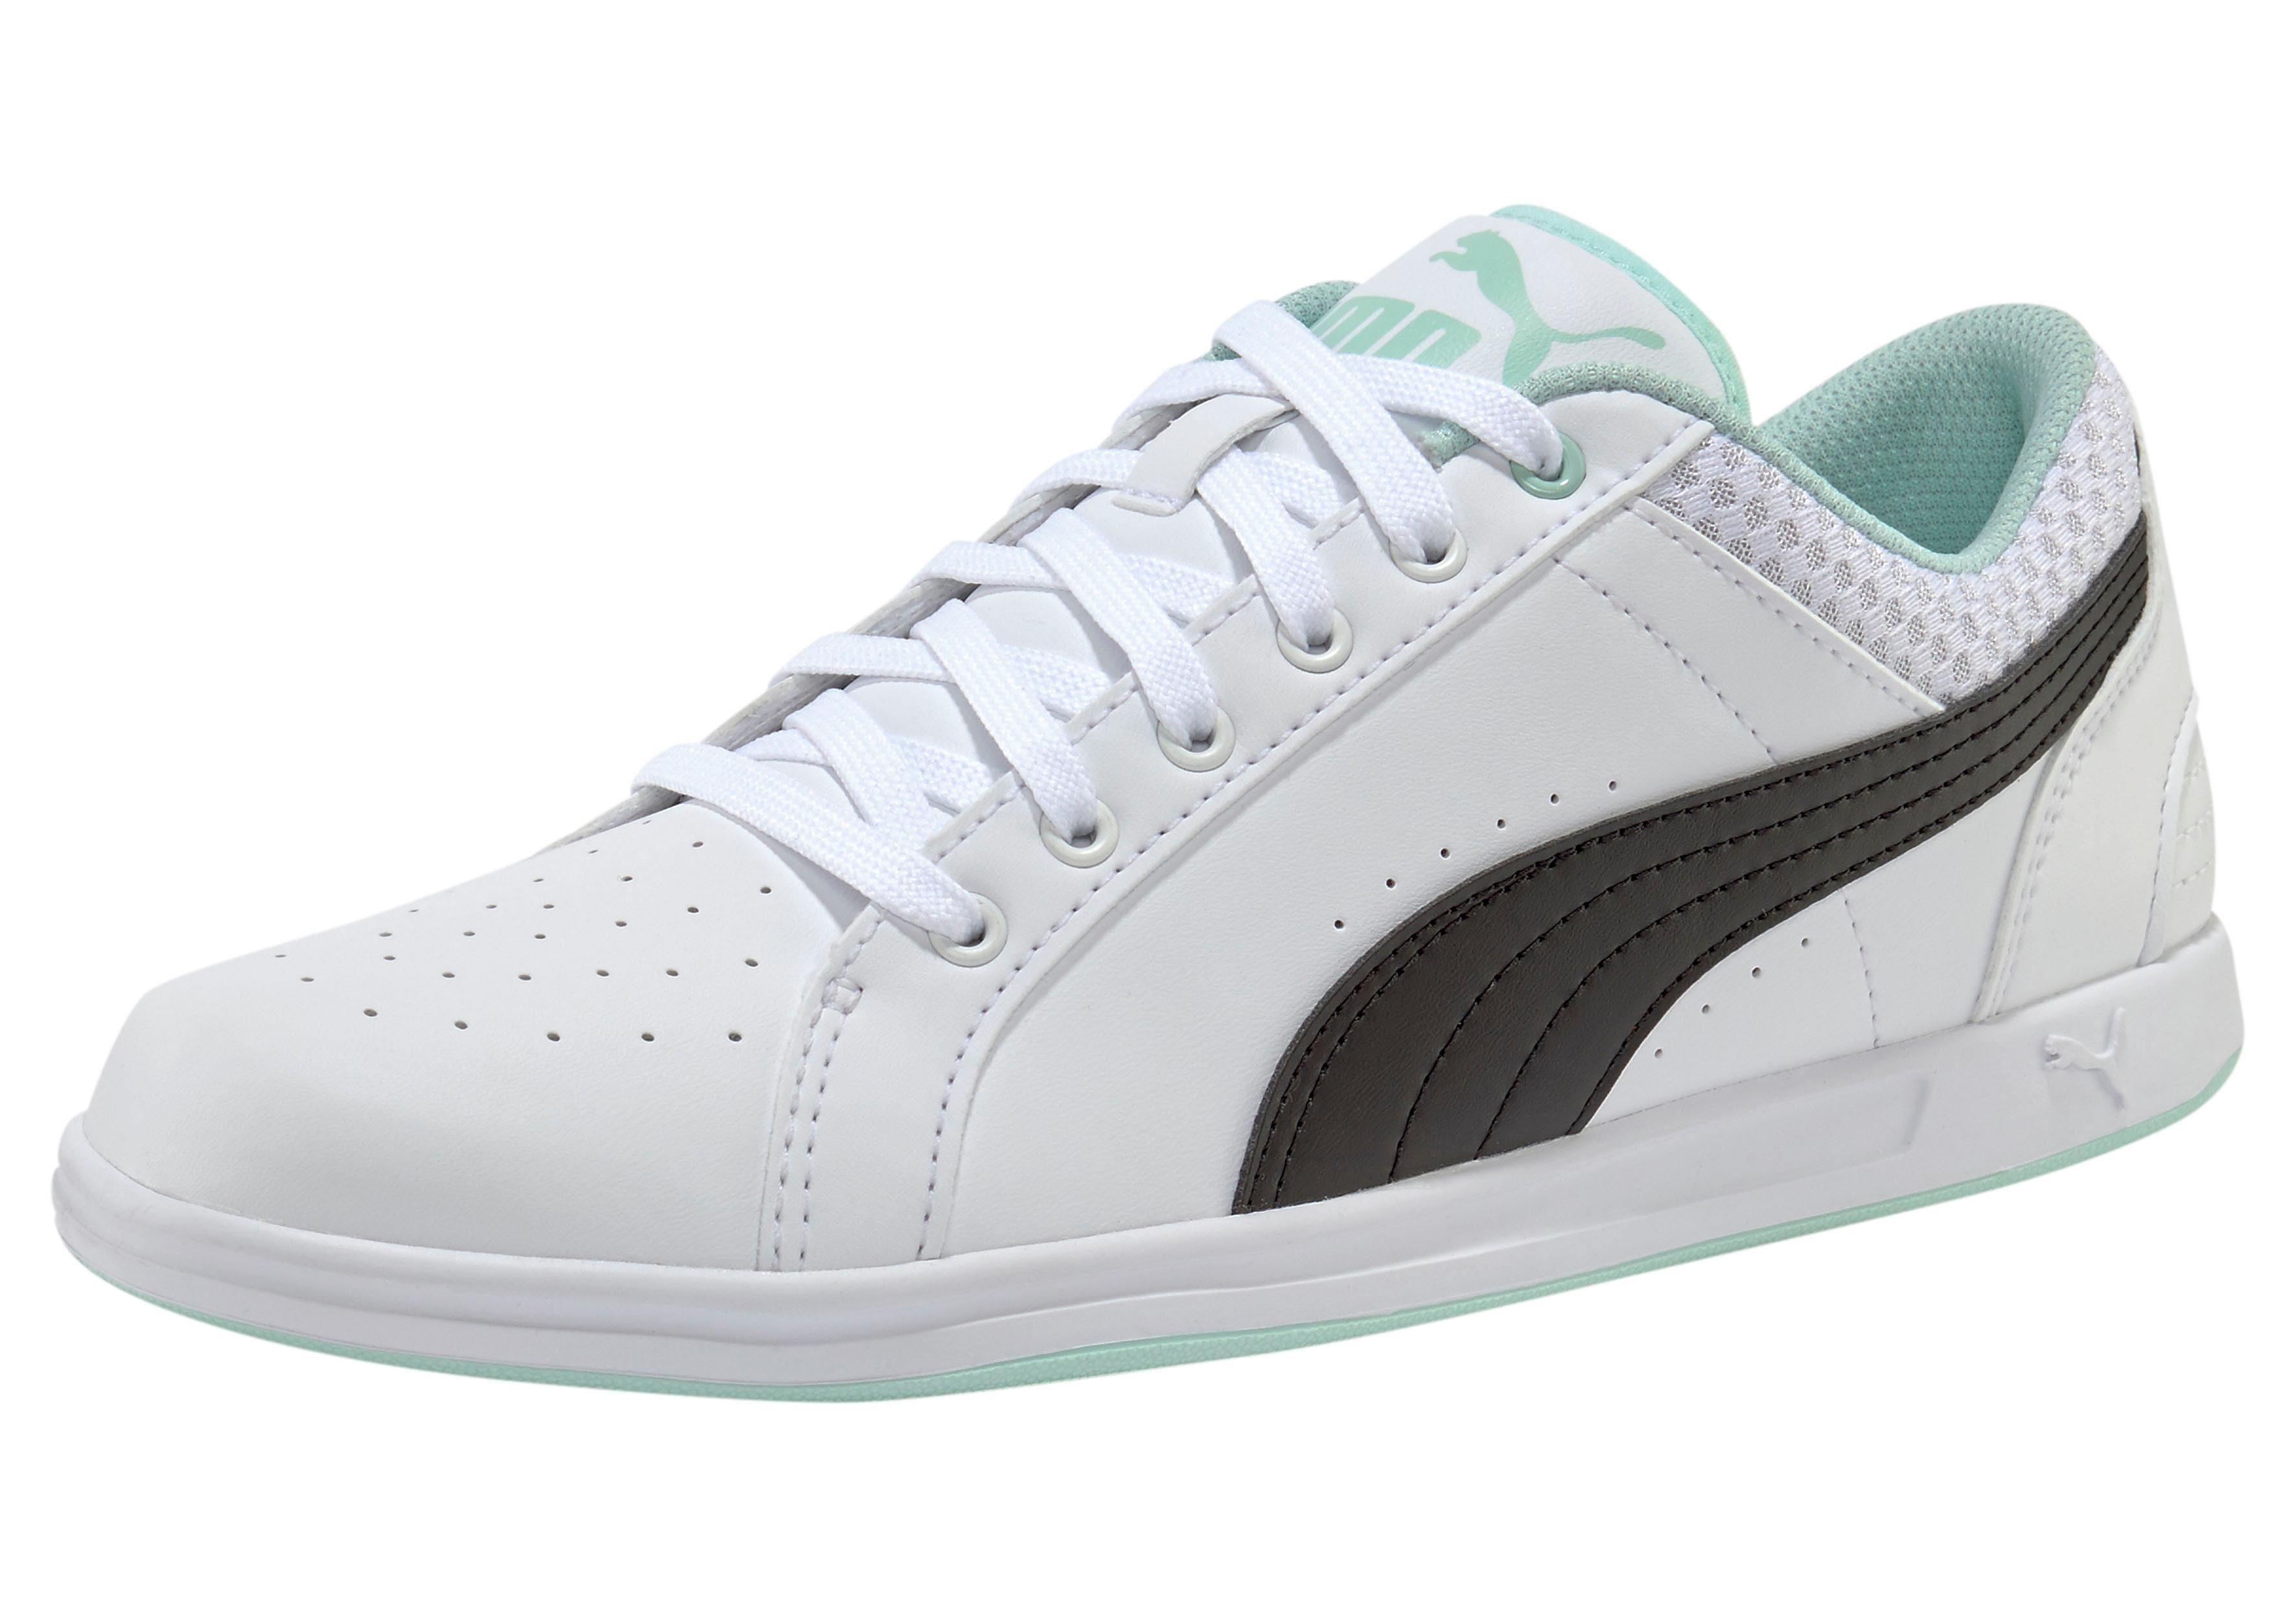 puma Kinder Sneakers Ikaz weiß 35,5 (3),36 (3,5),37 (4),37,5 (4,